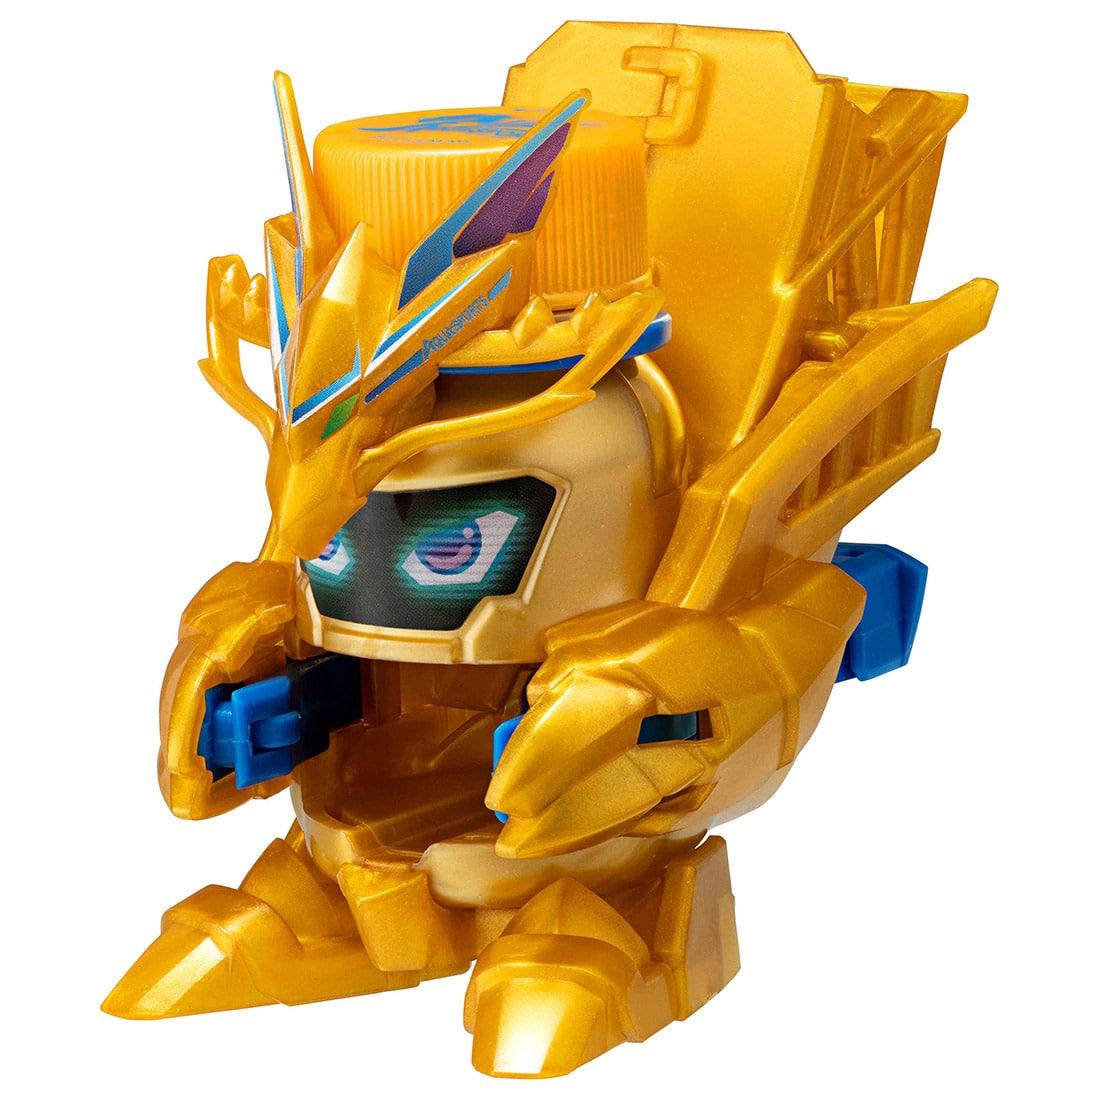 キャップ革命 ボトルマン『BOT-13 アクアスポーツ GOLD』おもちゃ-002